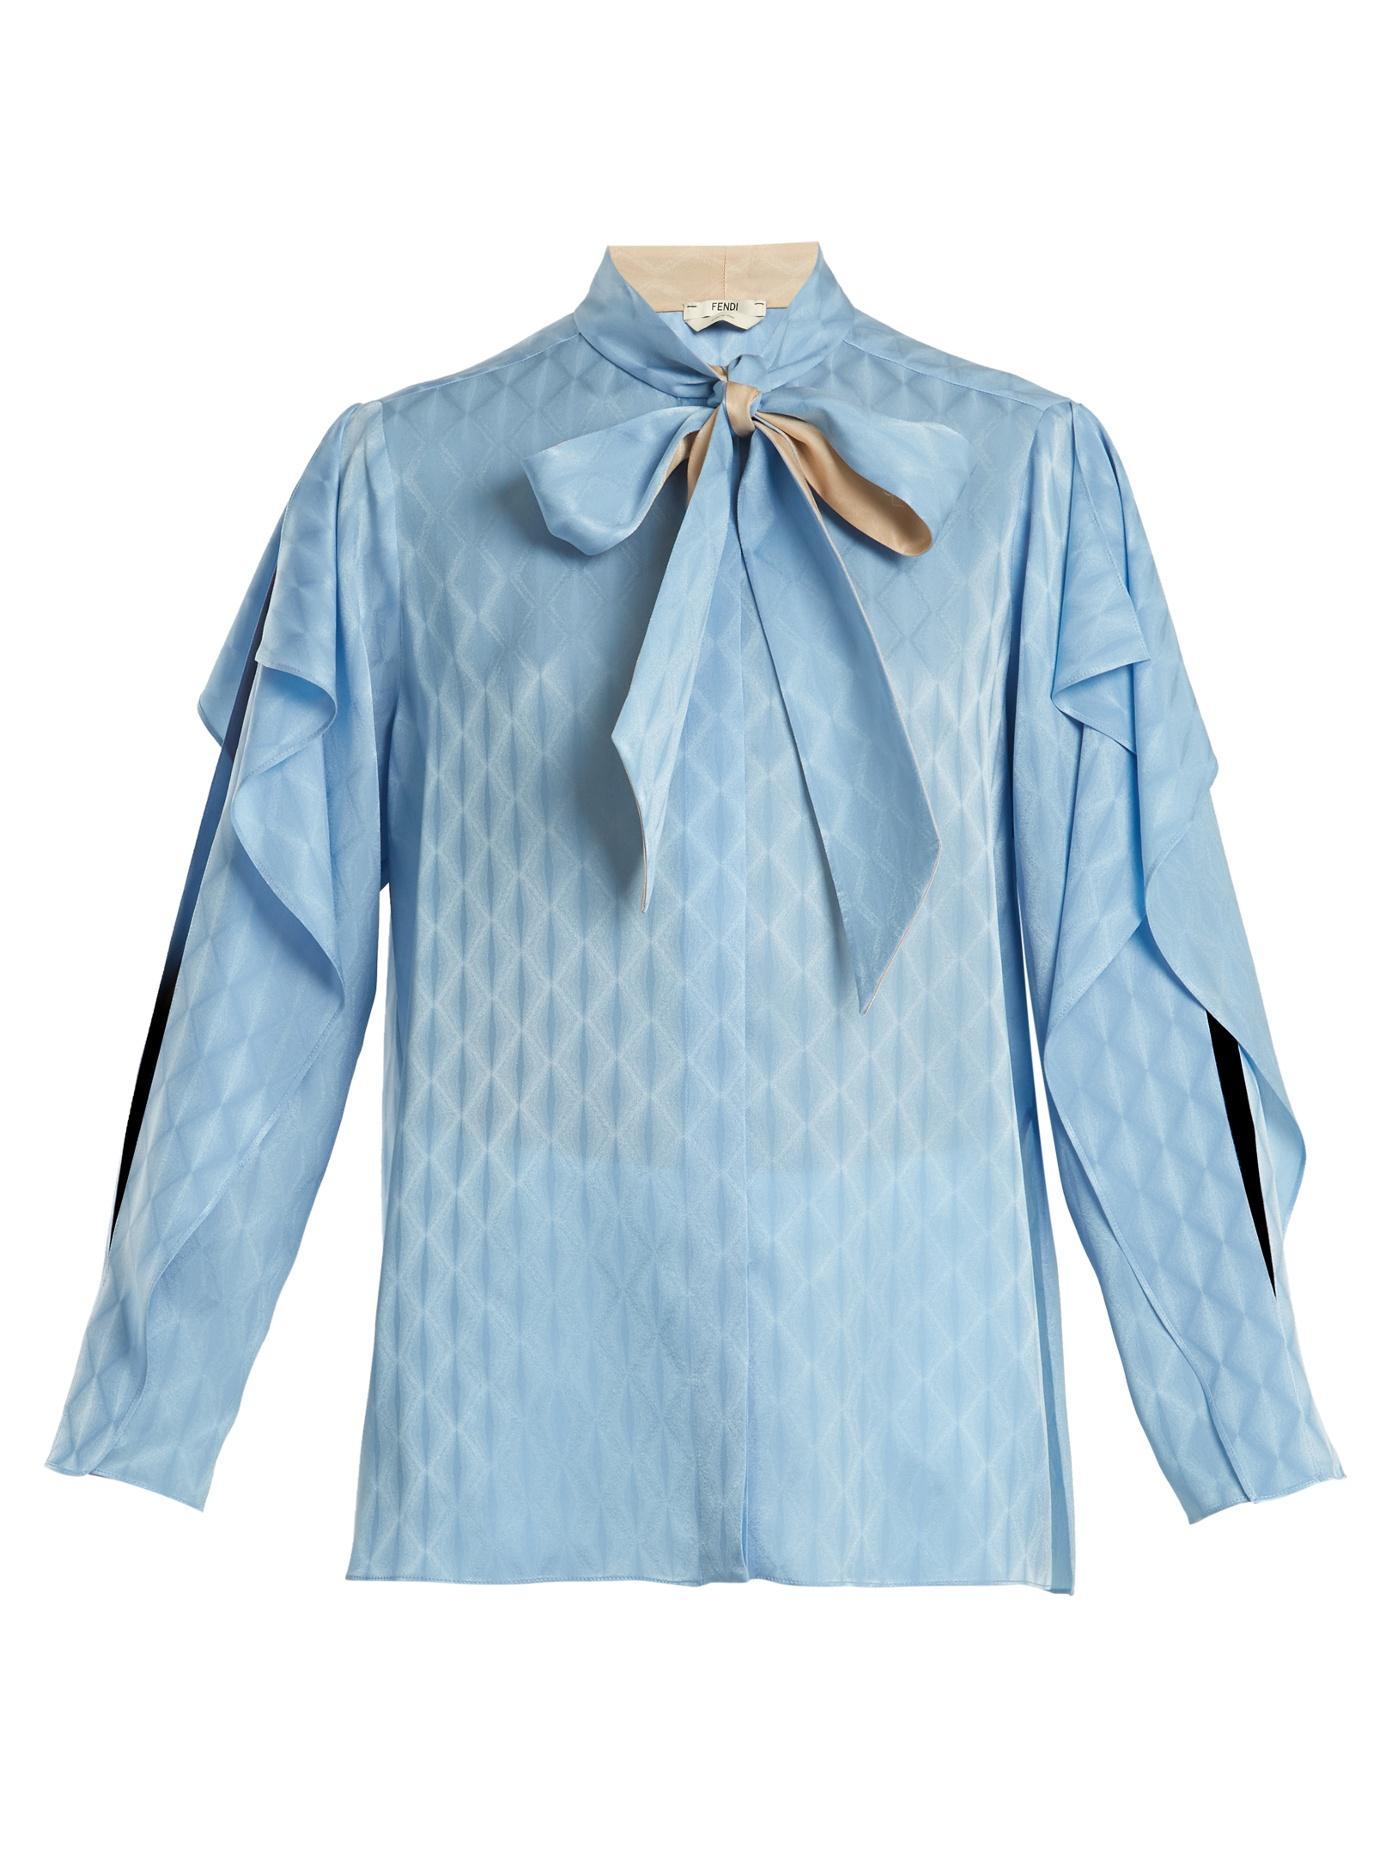 Fendi Tie-Neck Ruffle-Trimmed Silk Blouse In Blue